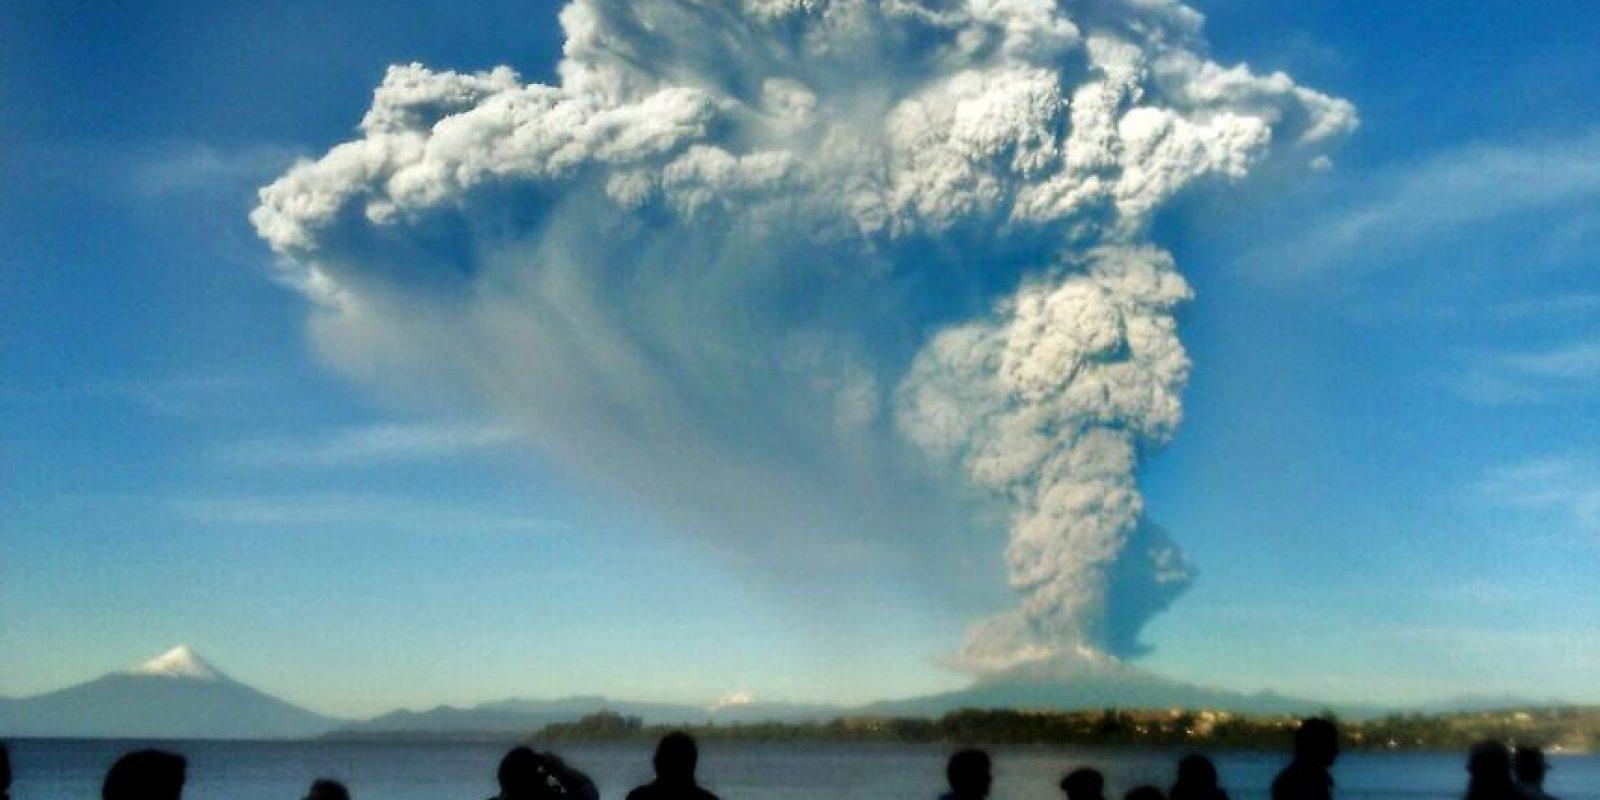 El volcán se encuentra a mil kilómetros de la ciudad de Santiago. Foto:AFP